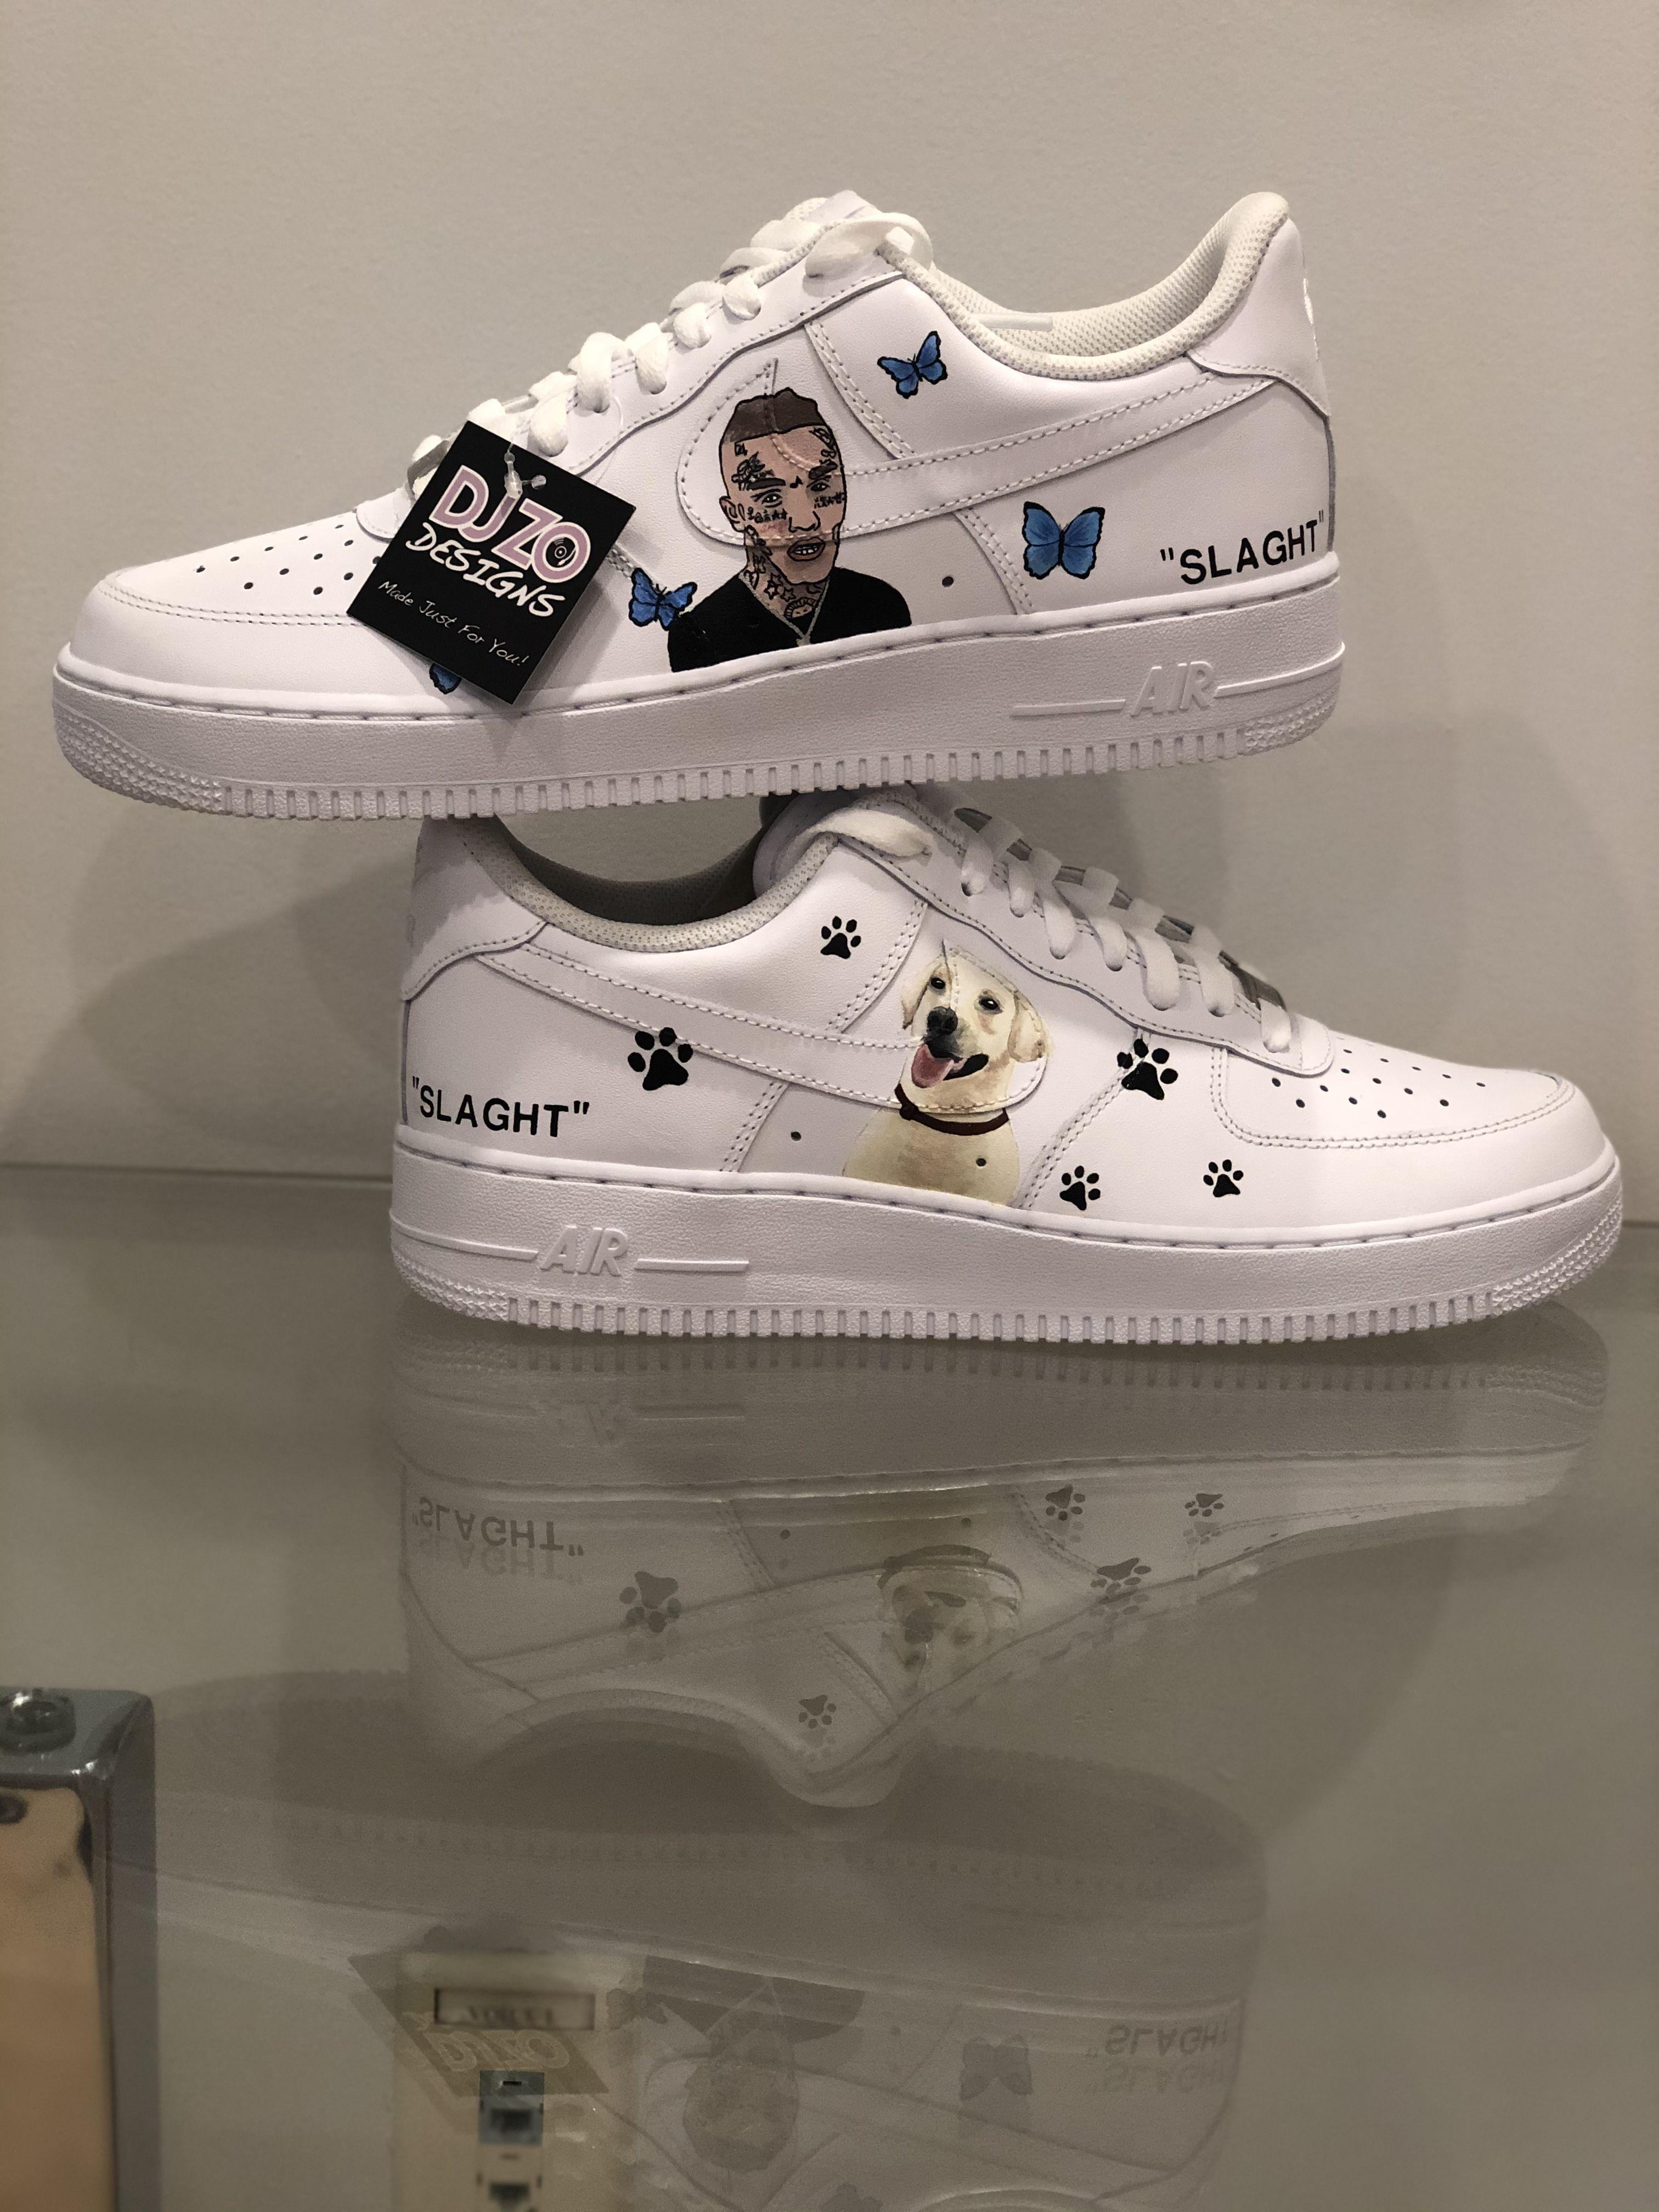 Sneakers, Custom shoes